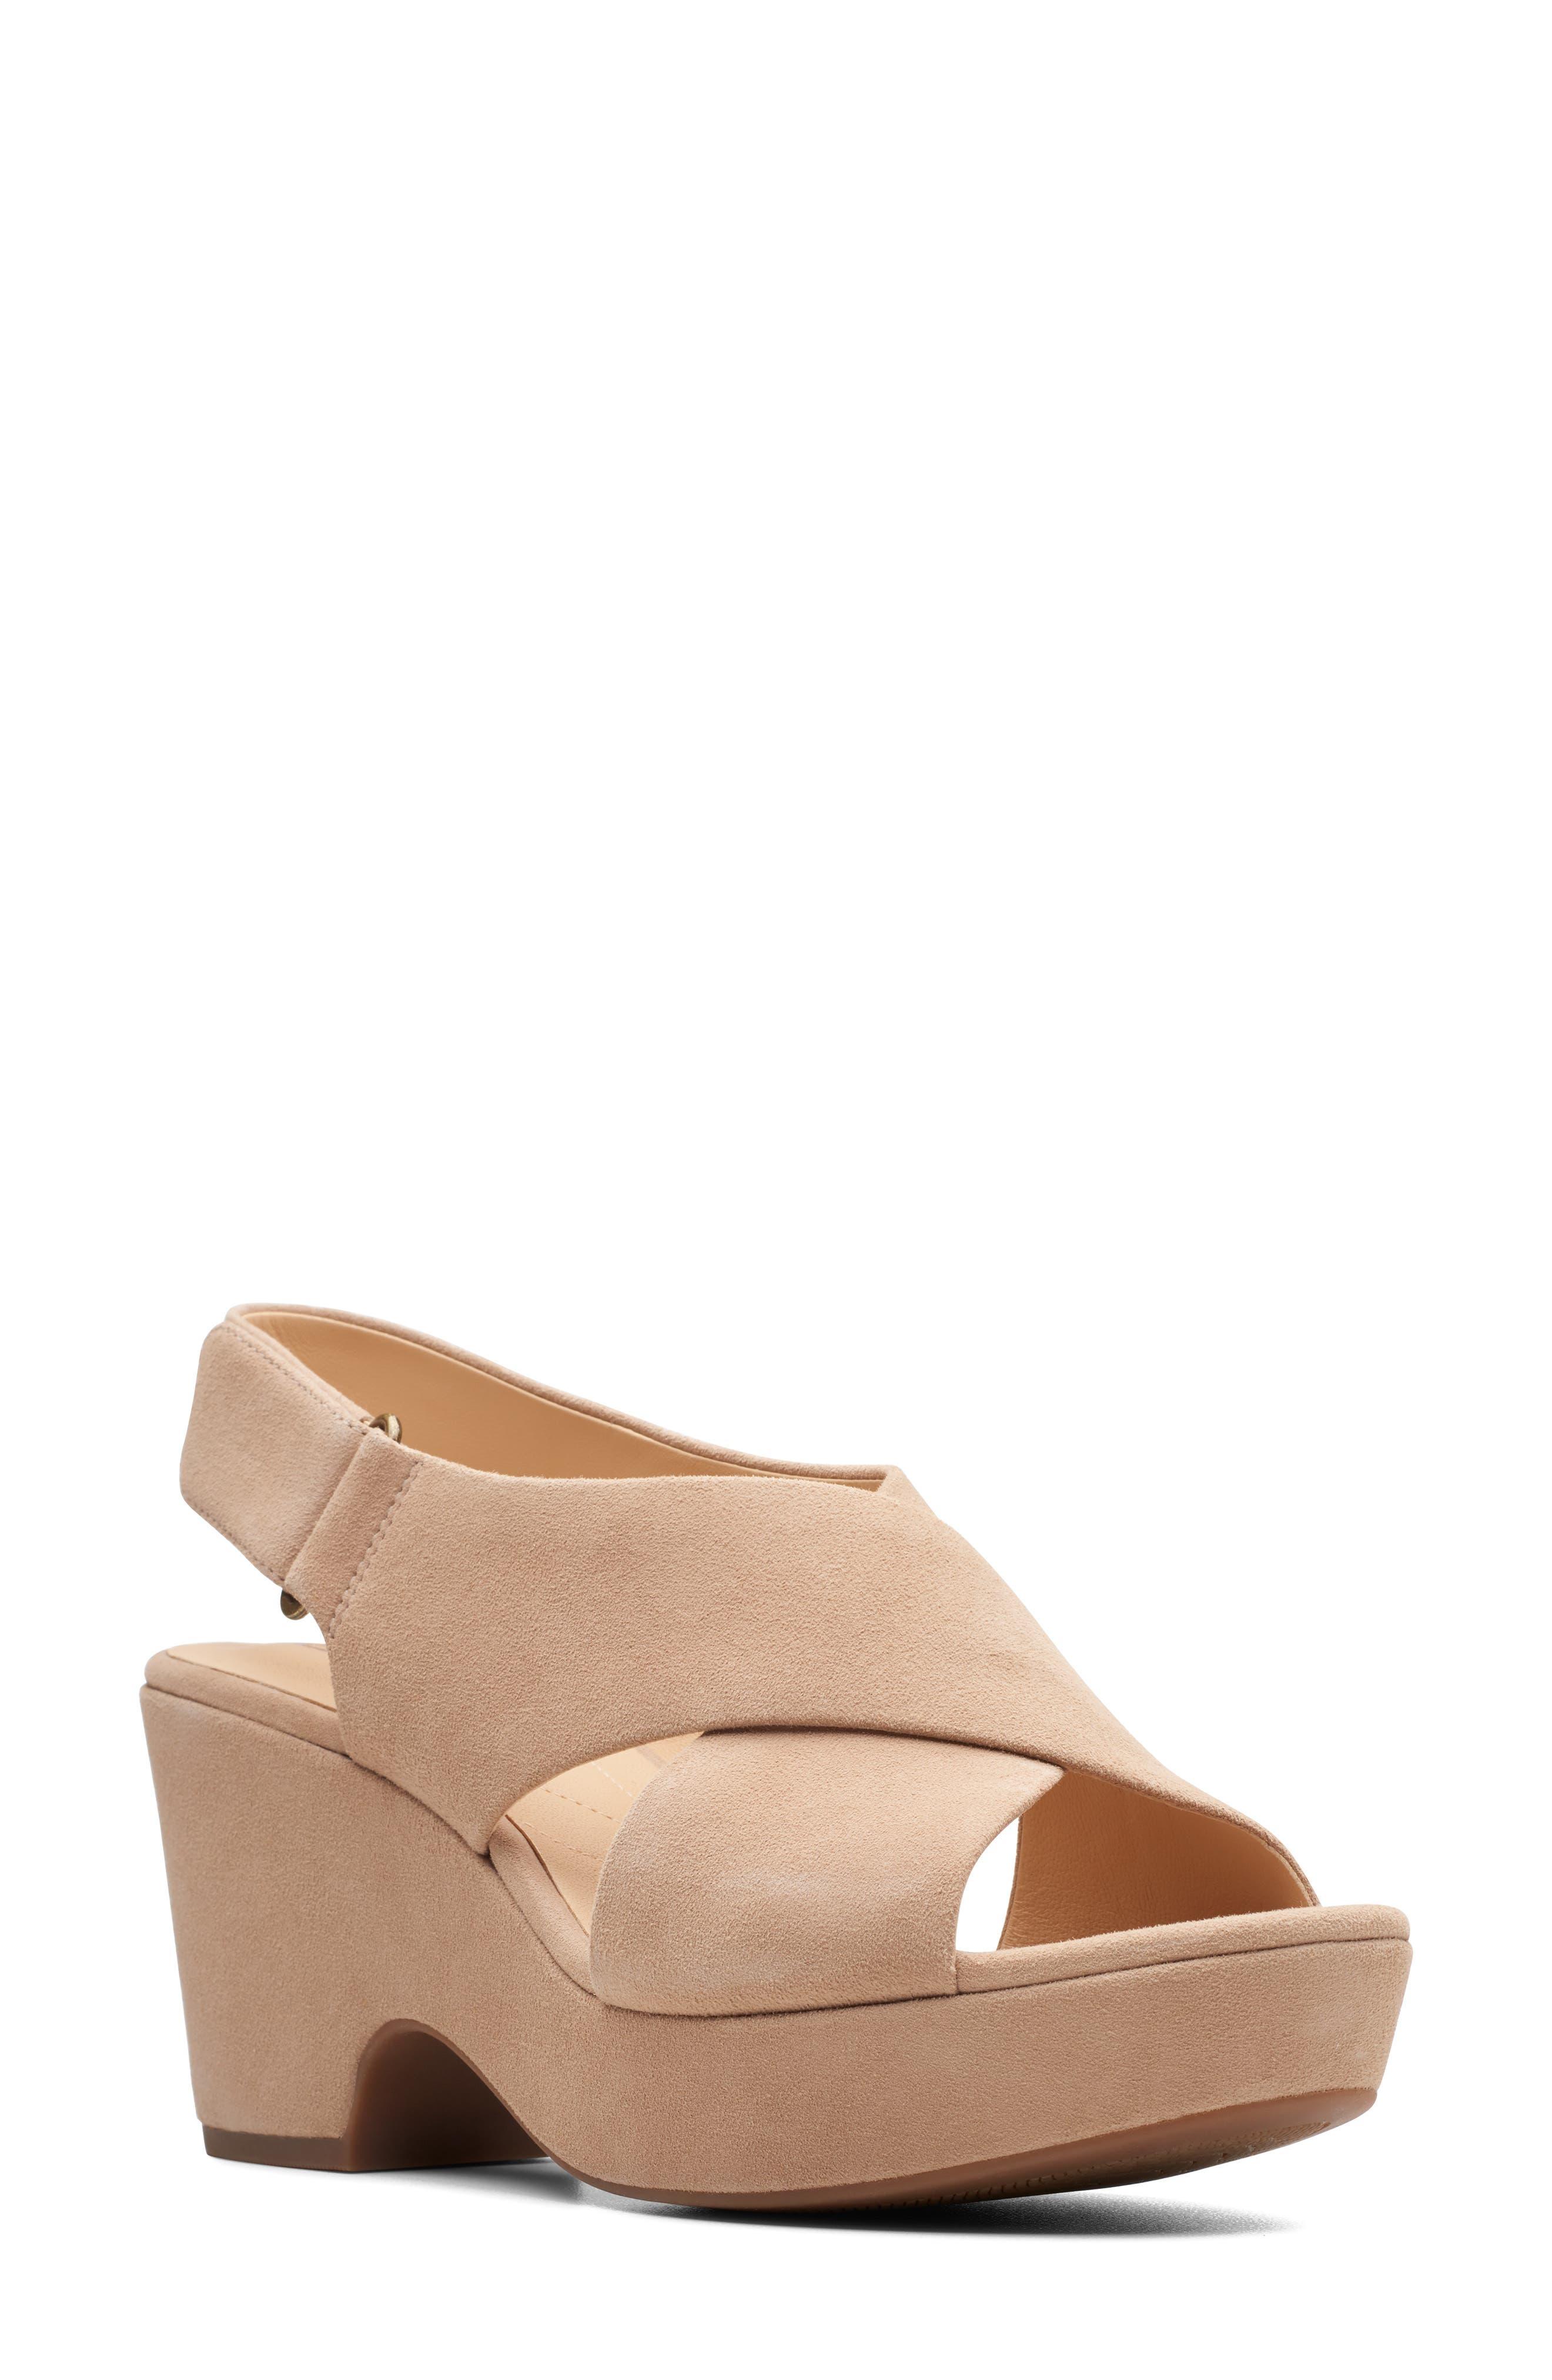 Women S Clarks Sandals